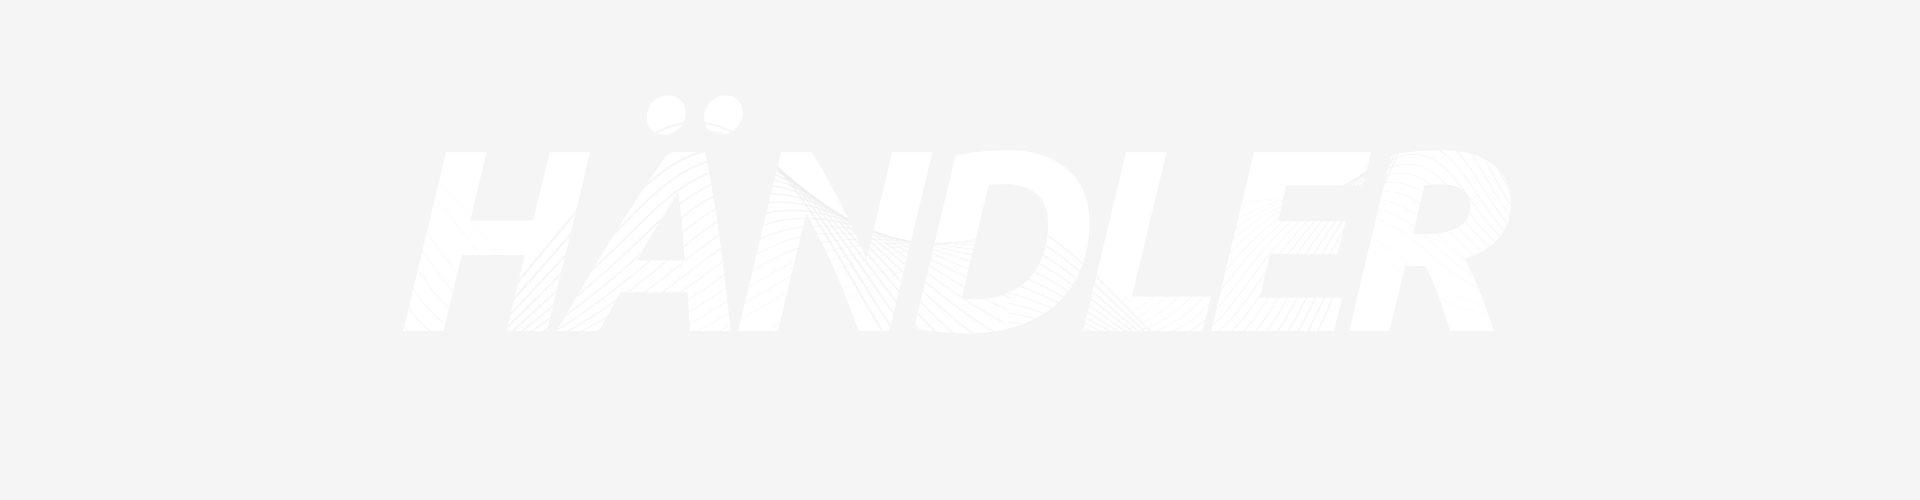 WINTEX Händler - Händlersuche